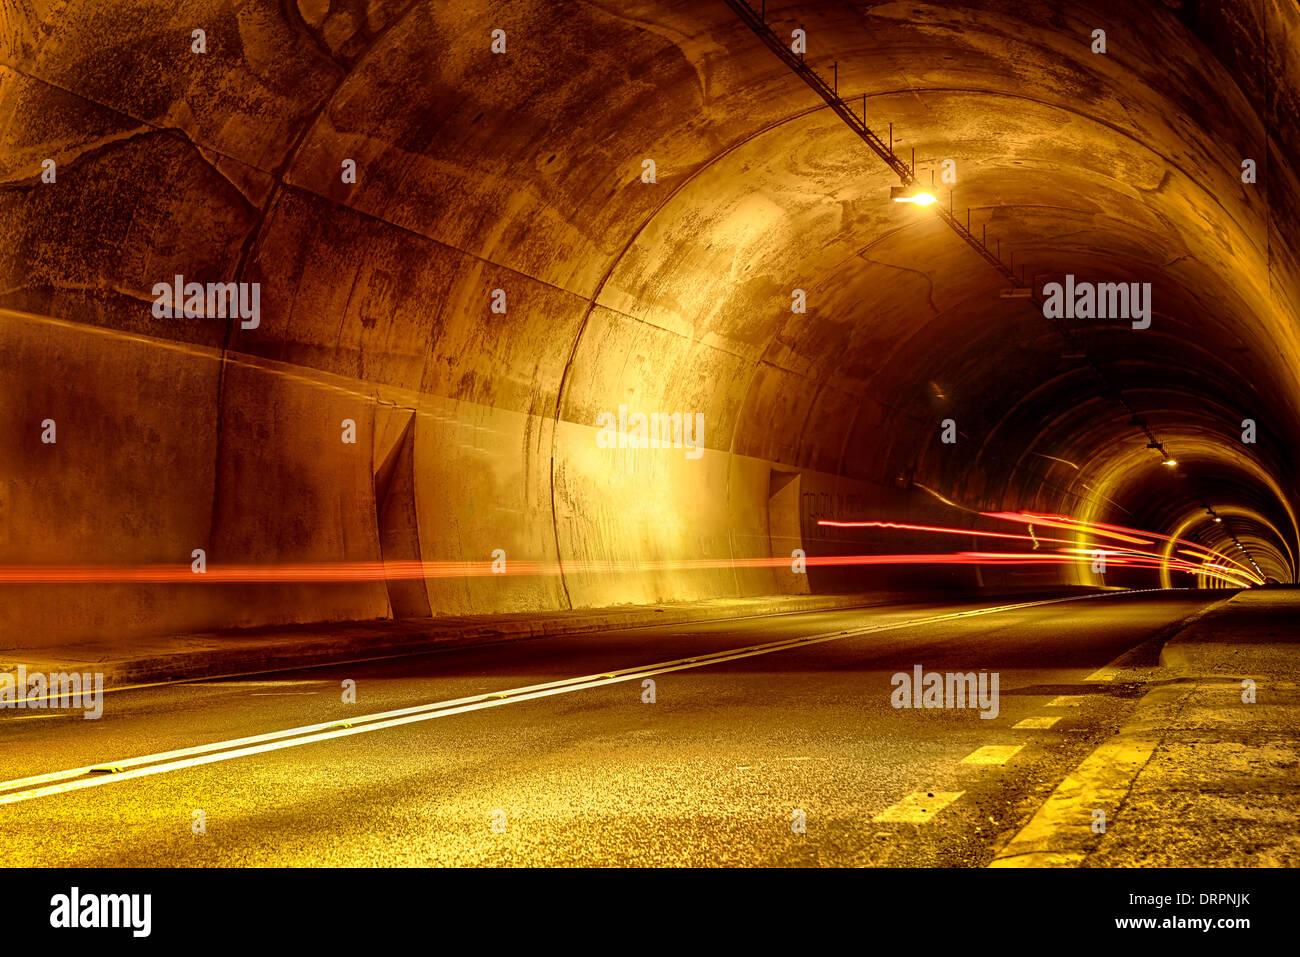 Horaires de nuit avec traces de lumière Photo Stock